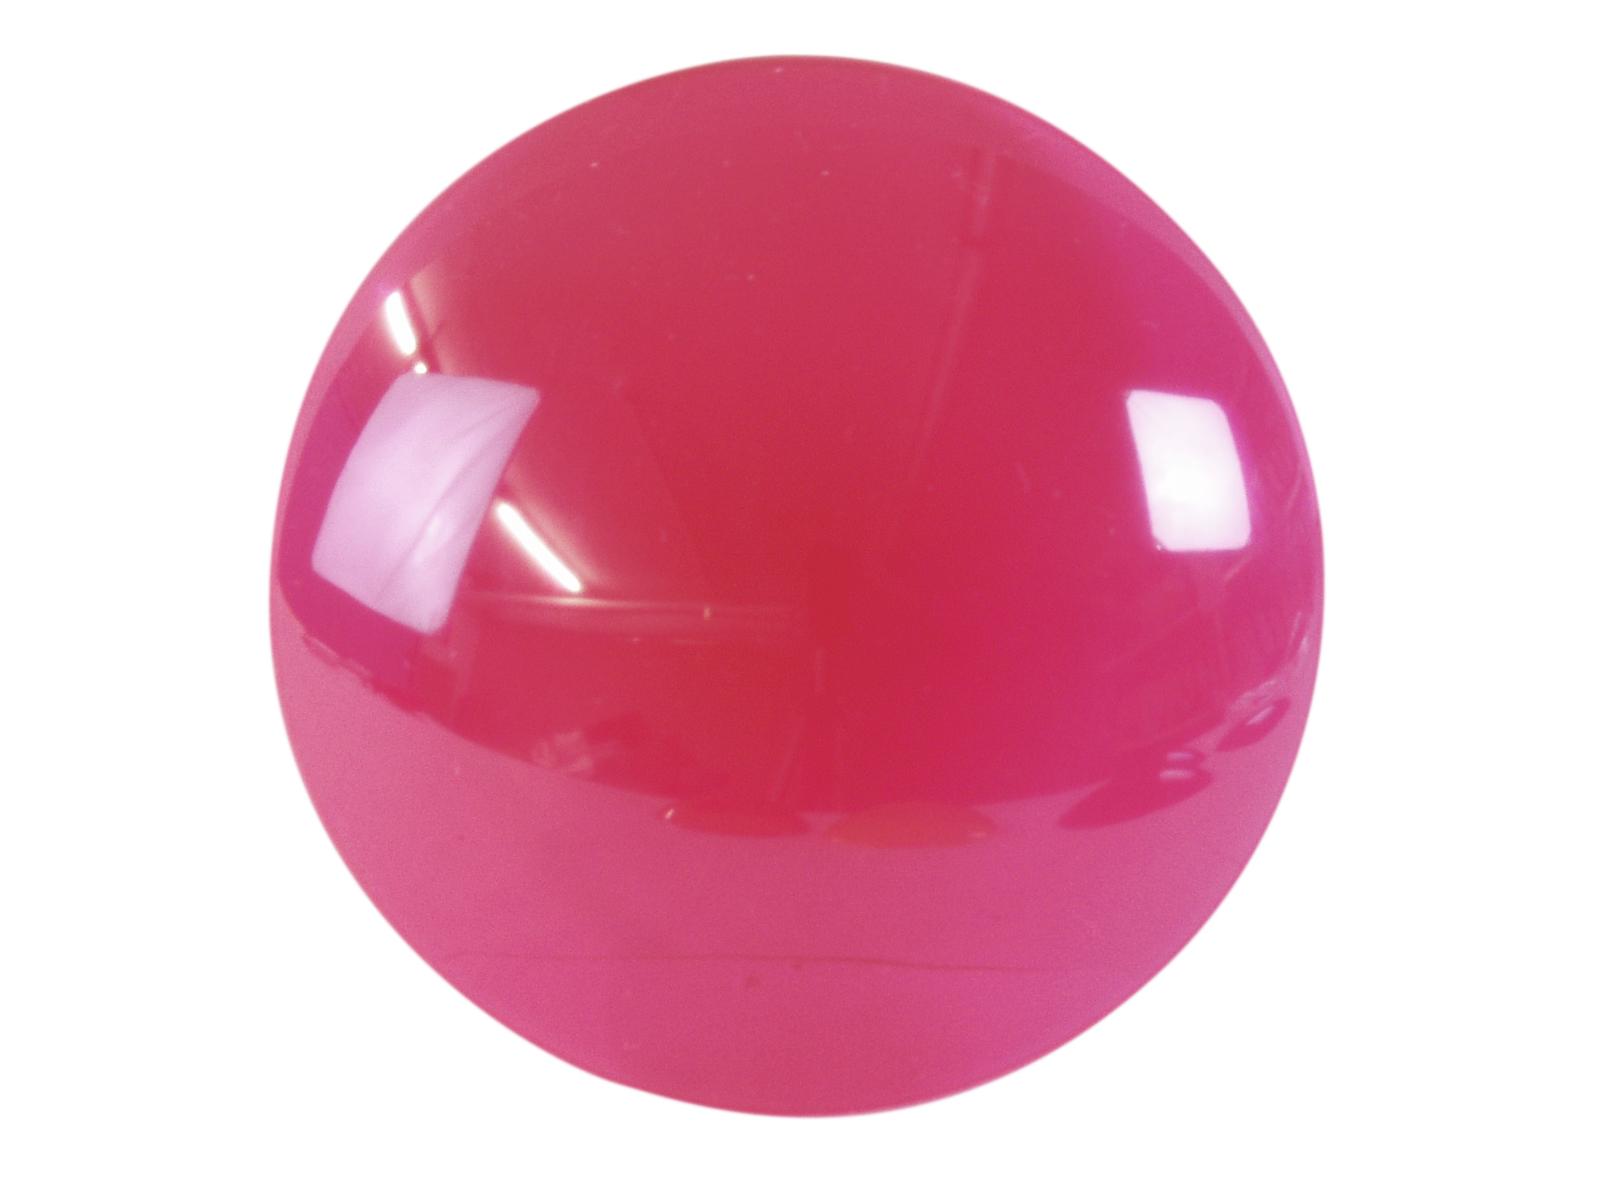 EUROLITE Farbkappe für PAR-36, pink